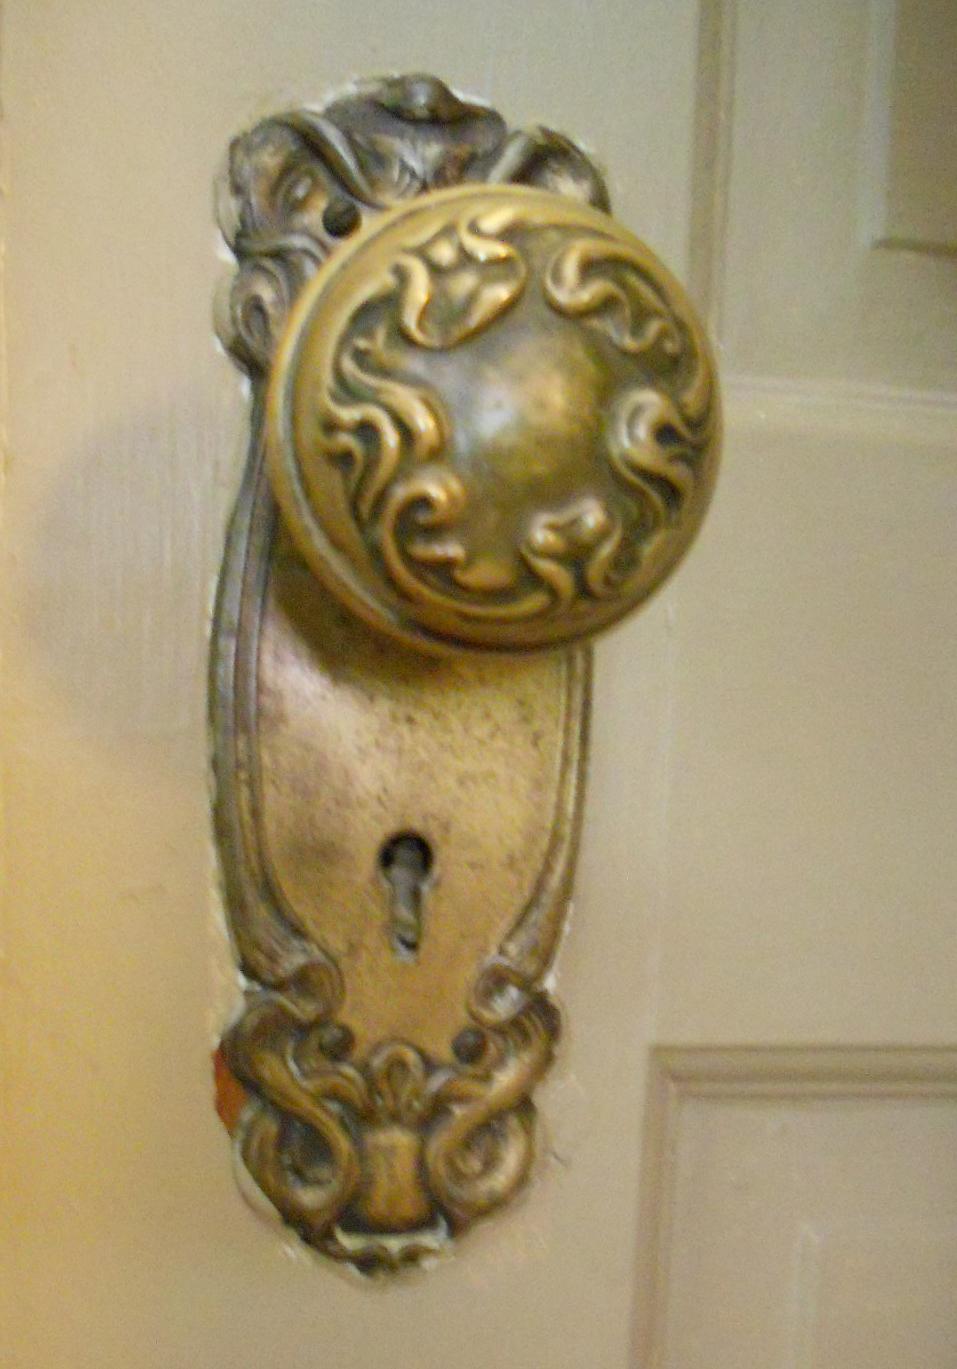 Original bedroom doorknob!